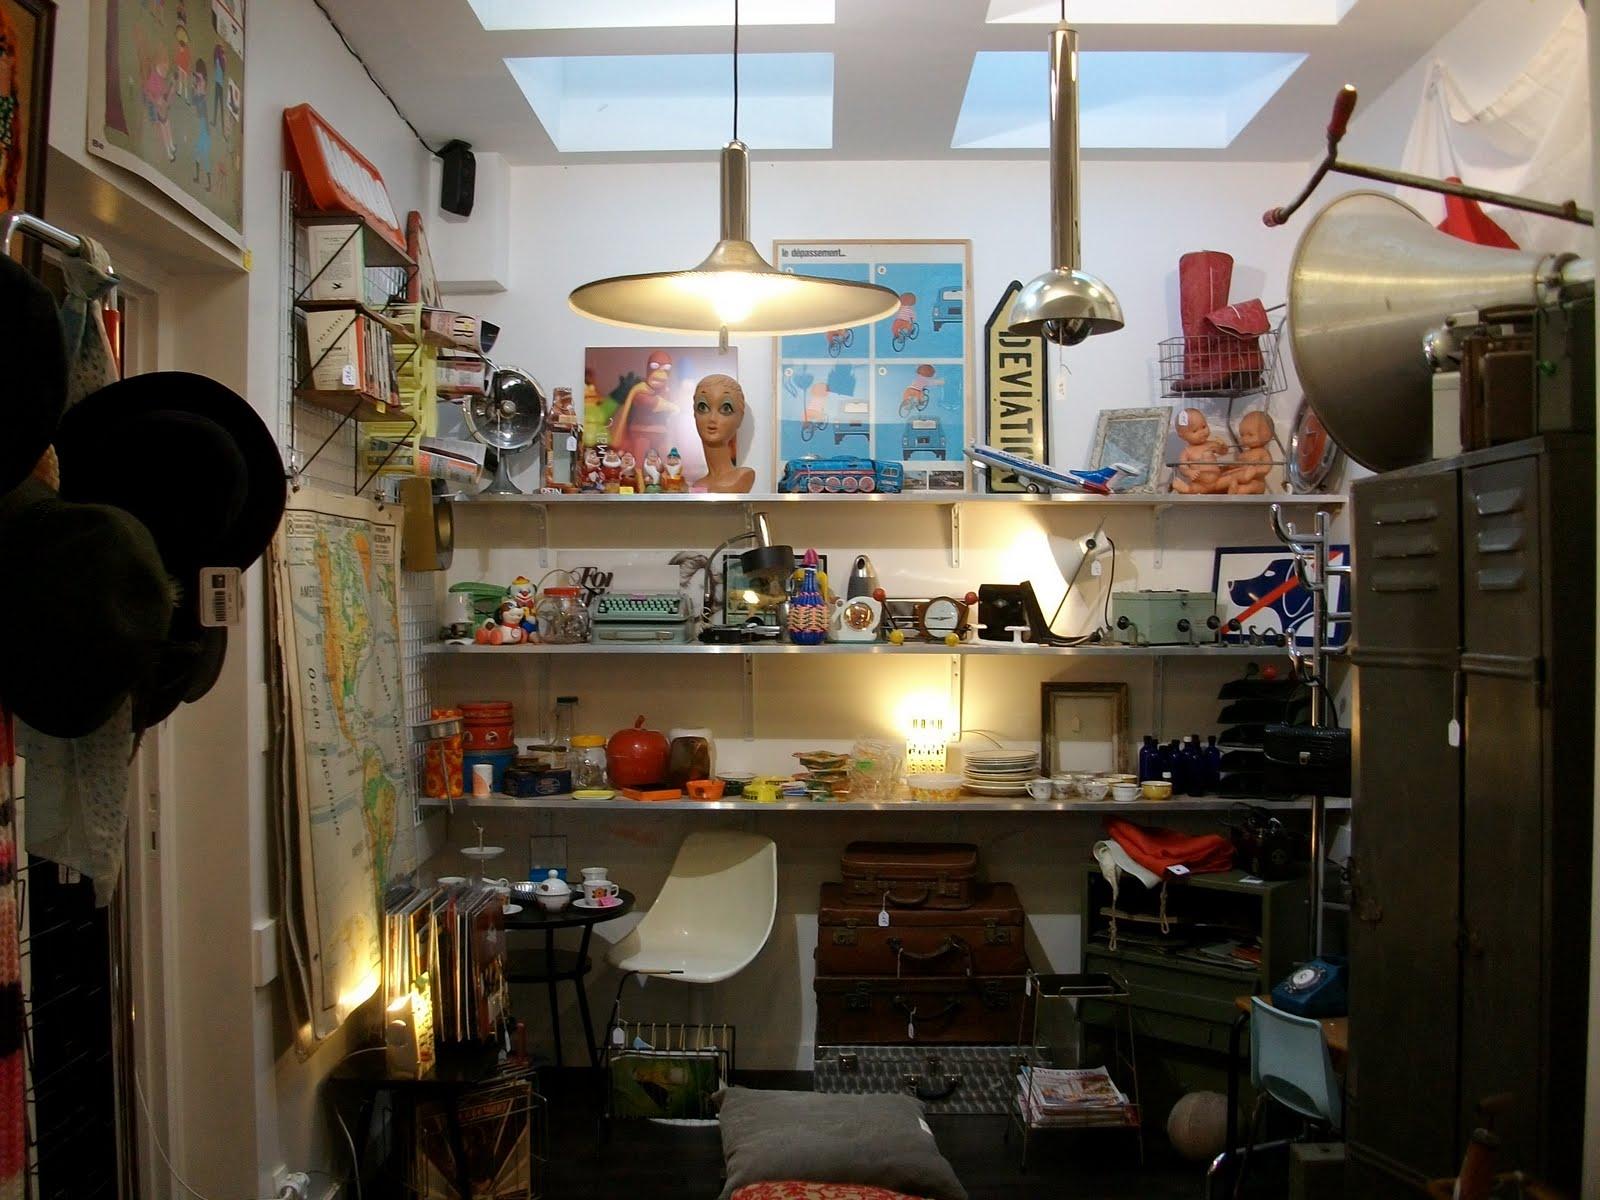 les grigris de sophie rose bunker a quimper. Black Bedroom Furniture Sets. Home Design Ideas